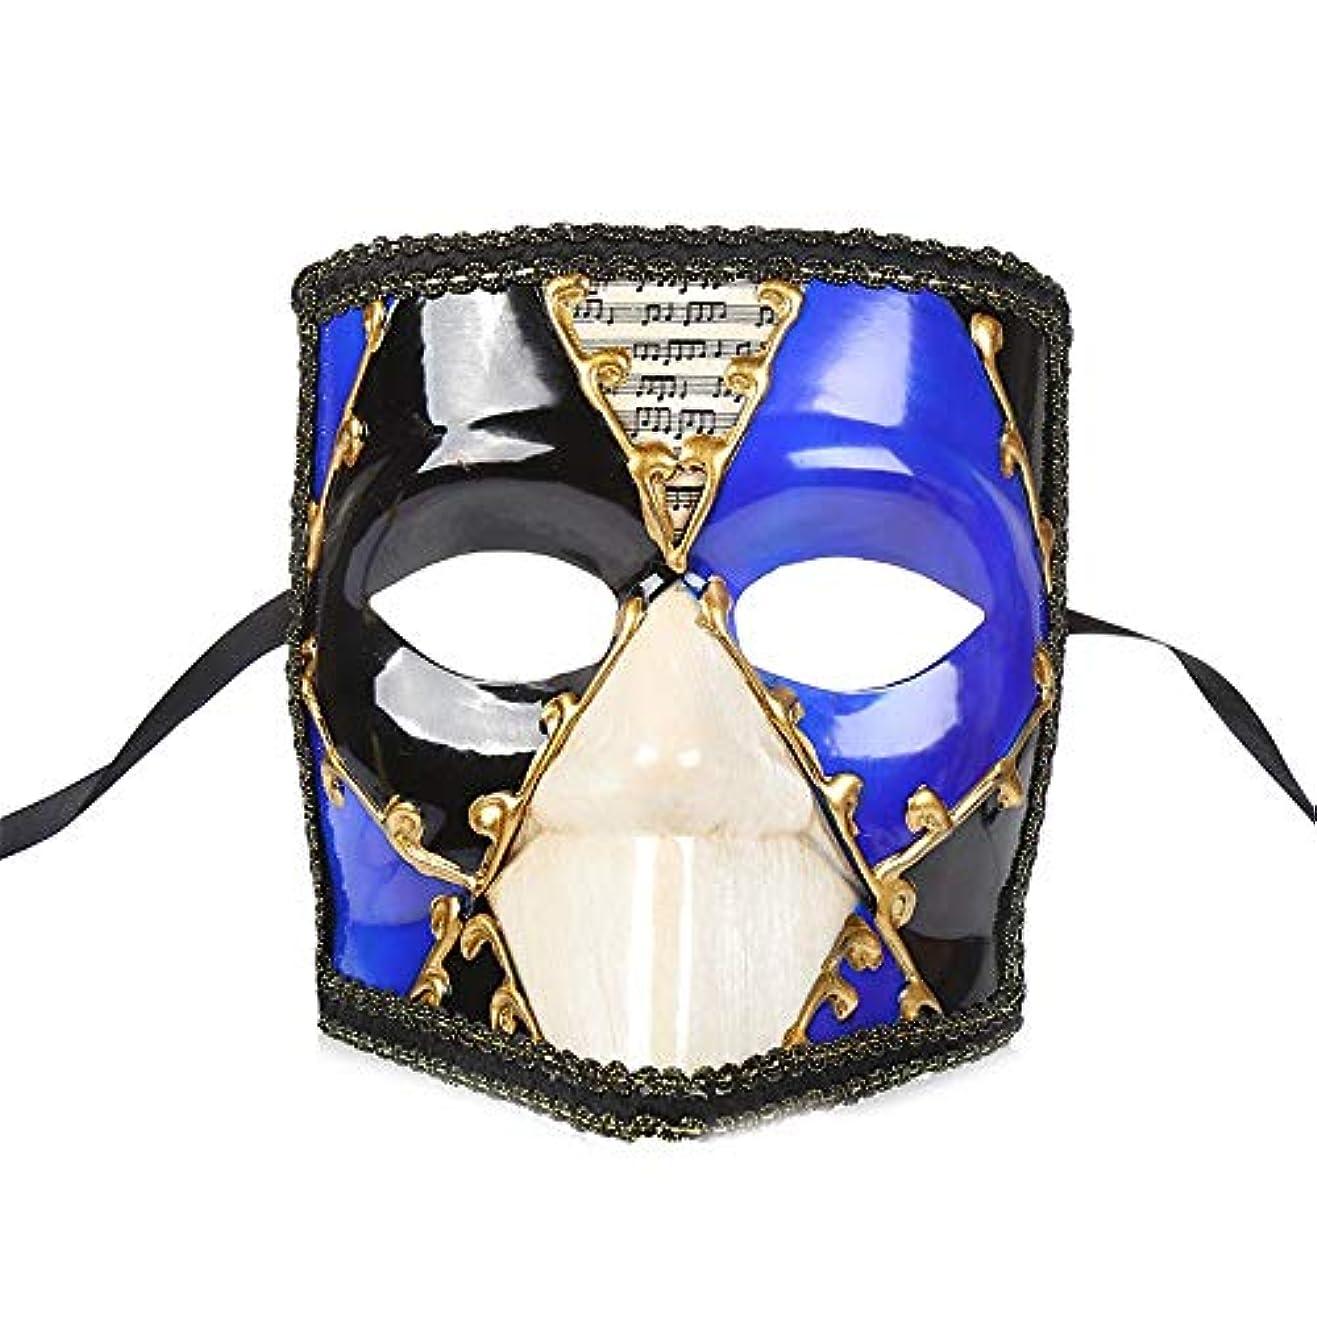 秘書減らすアテンダントダンスマスク ピエロマスクヴィンテージマスカレードショーデコレーションコスプレナイトクラブプラスチック厚いマスク ホリデーパーティー用品 (色 : 青, サイズ : 18x15cm)